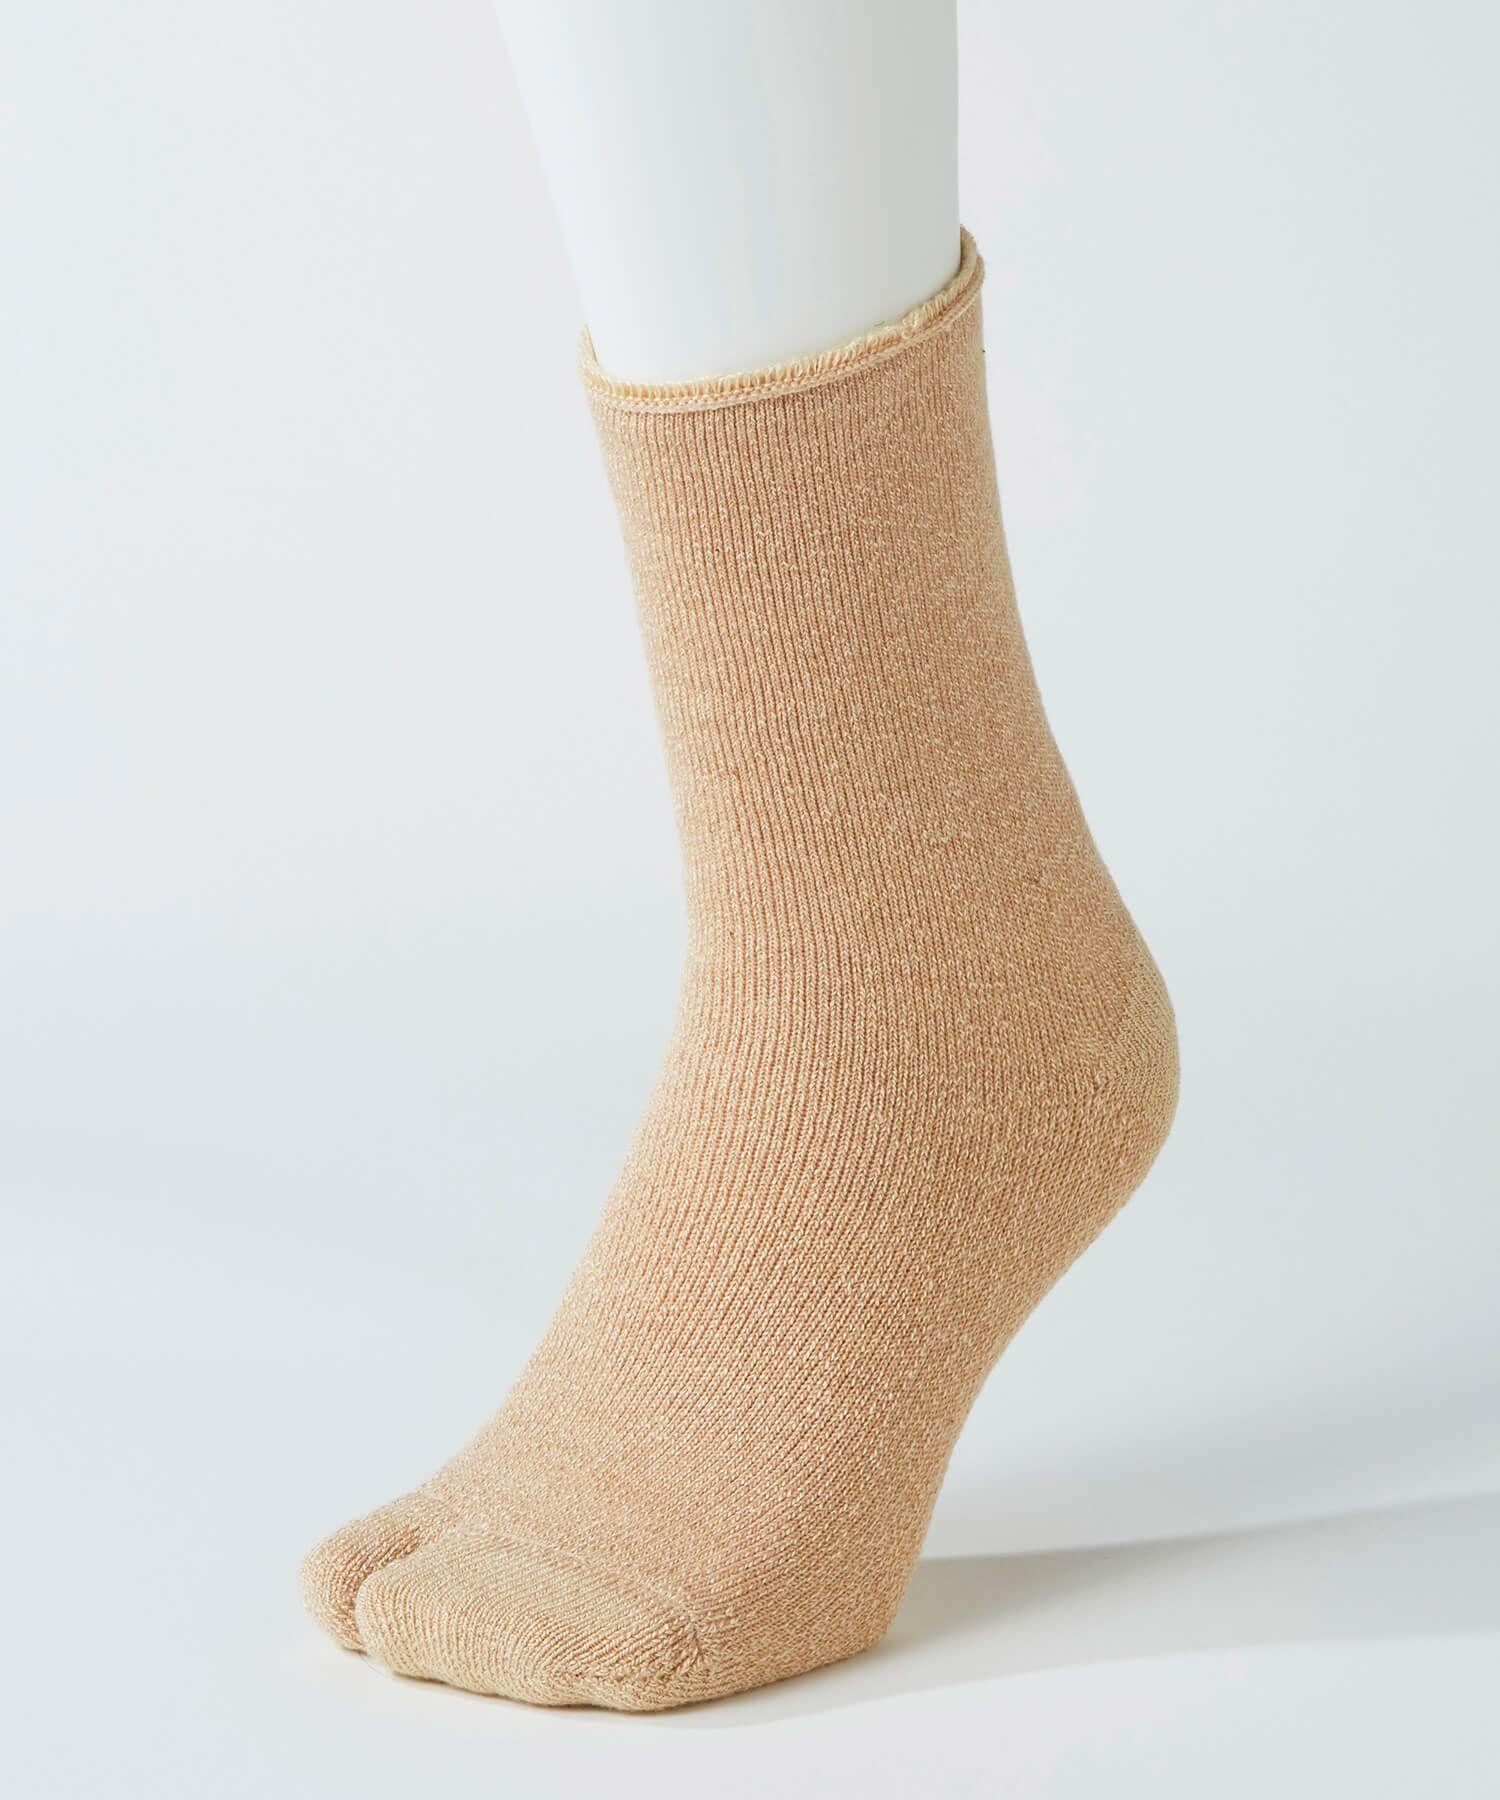 あしごろも レディース ソックス オーガニック 肌側シルクパイル足袋